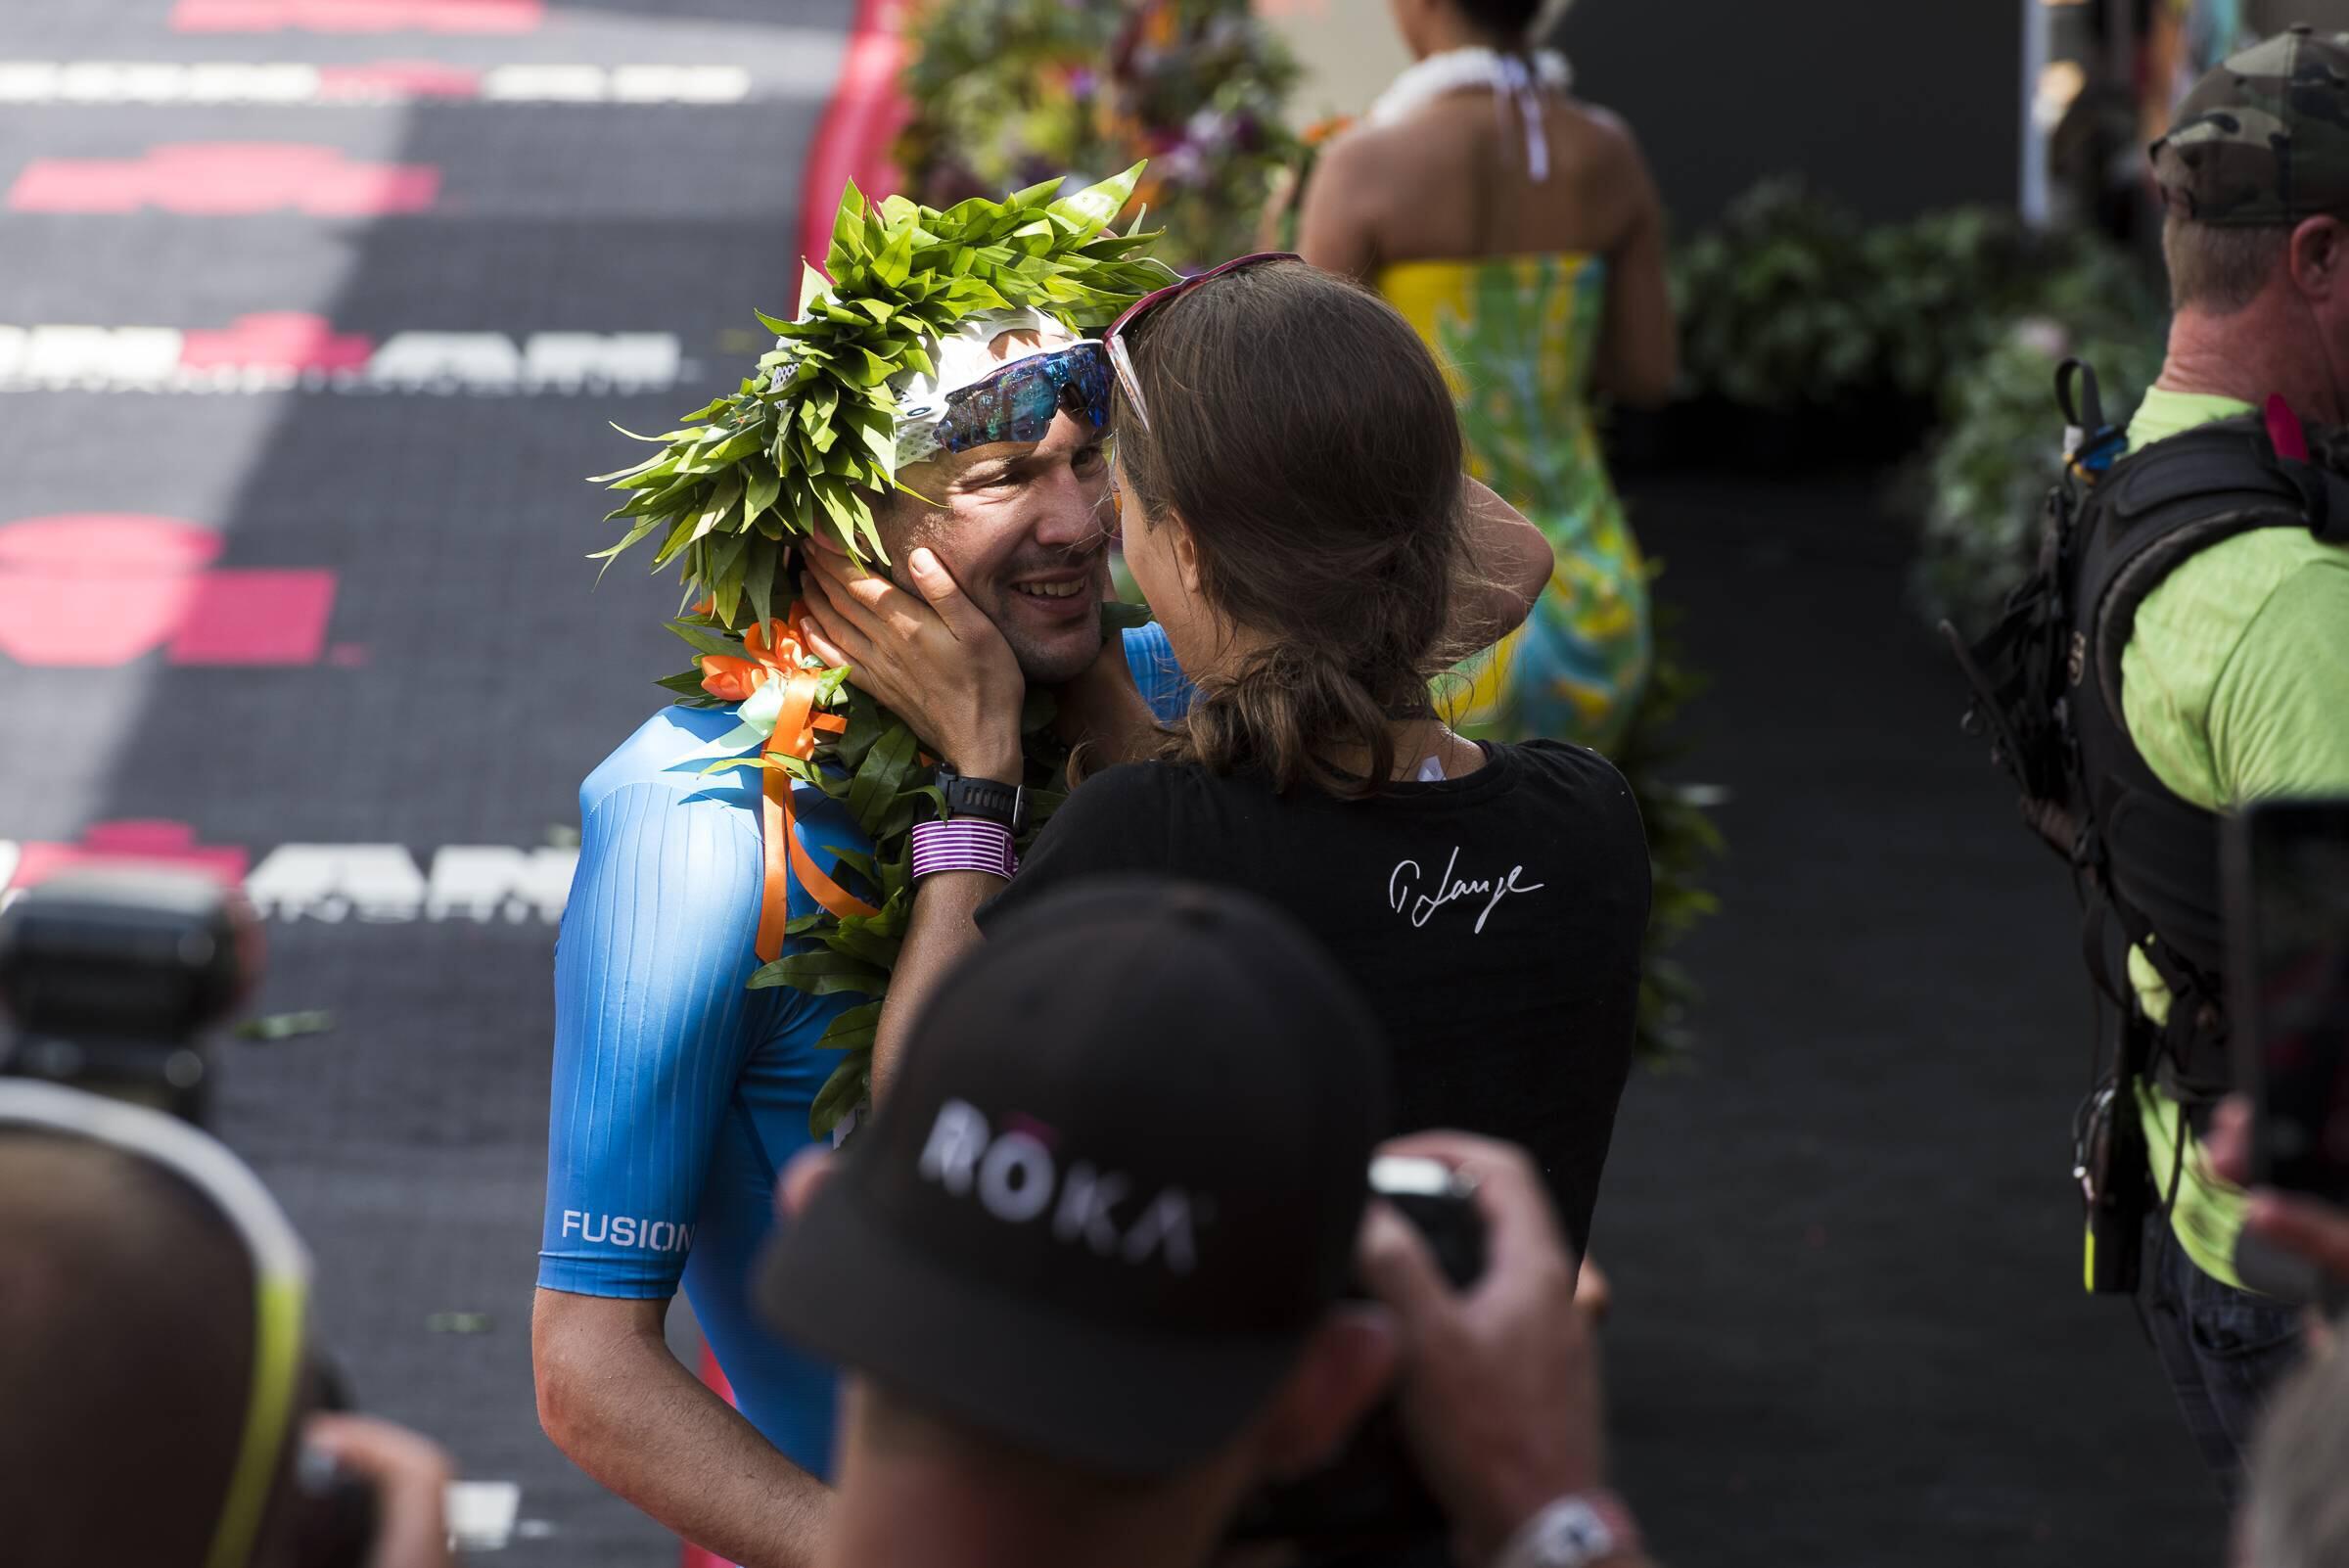 Bild zu Patrick Lange, Ironman, hawaii, Triathlon, heiratsantrag